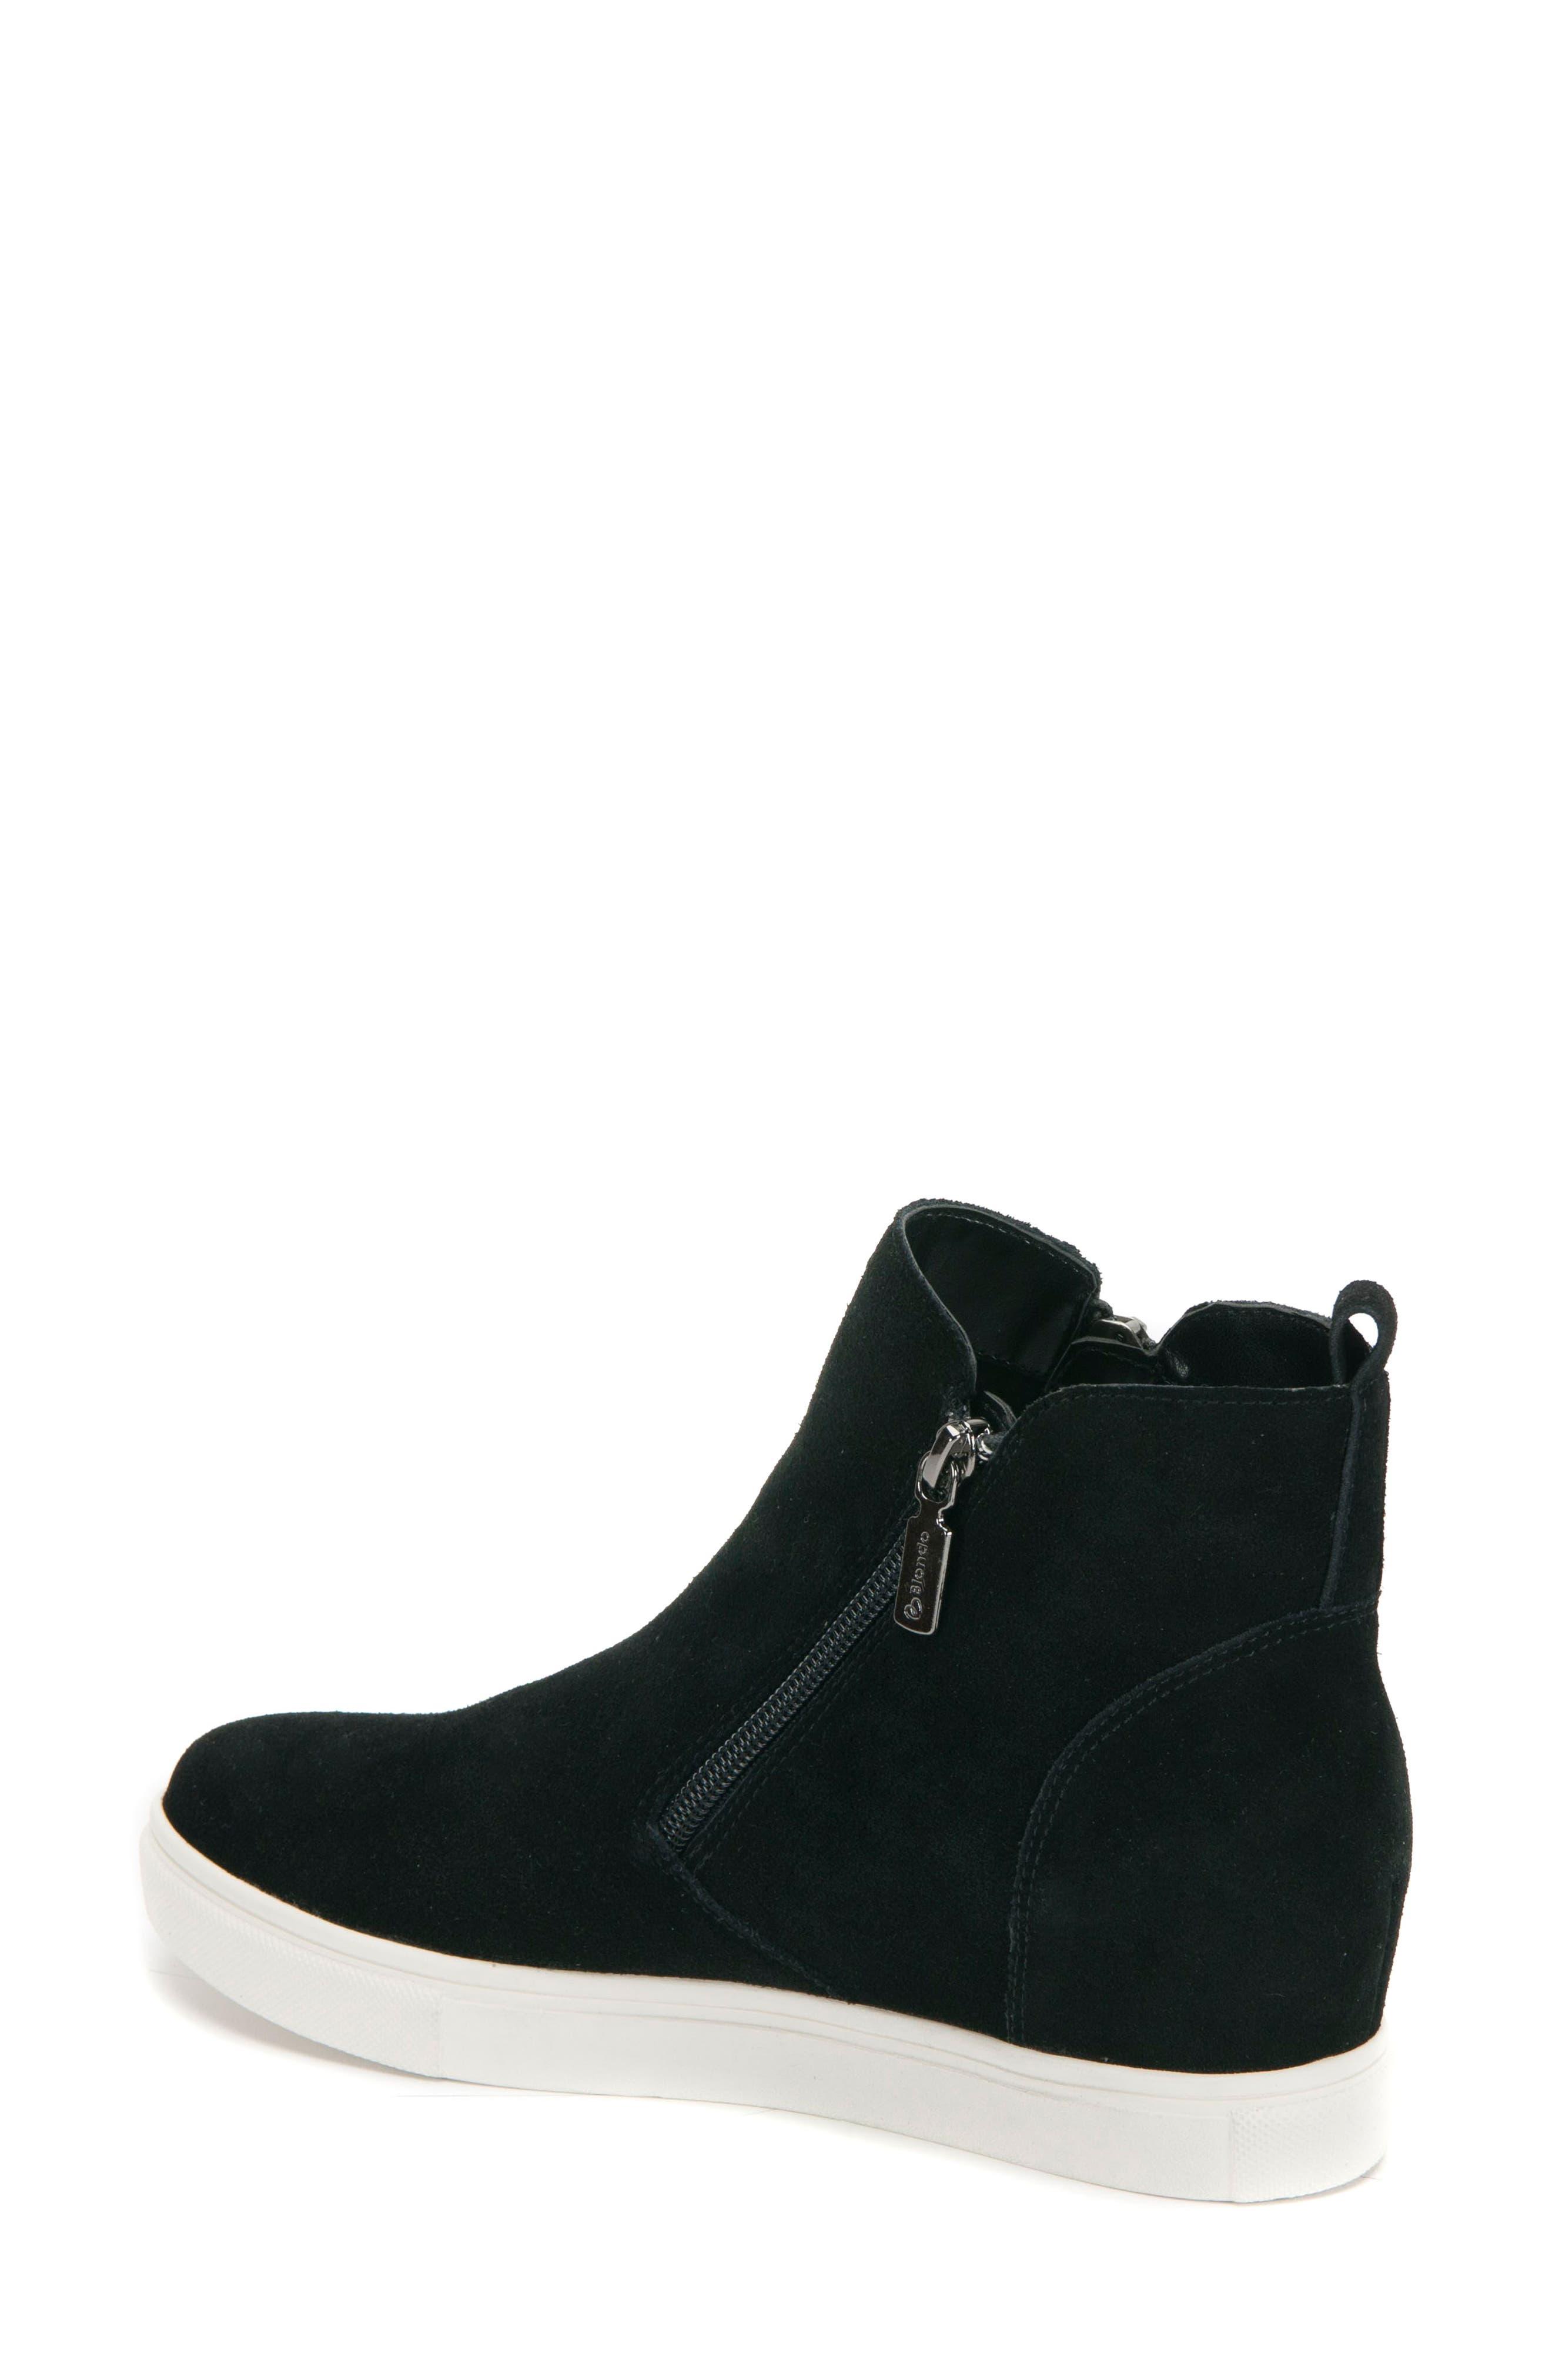 BLONDO, Giselle Waterproof Sneaker, Alternate thumbnail 2, color, BLACK SUEDE